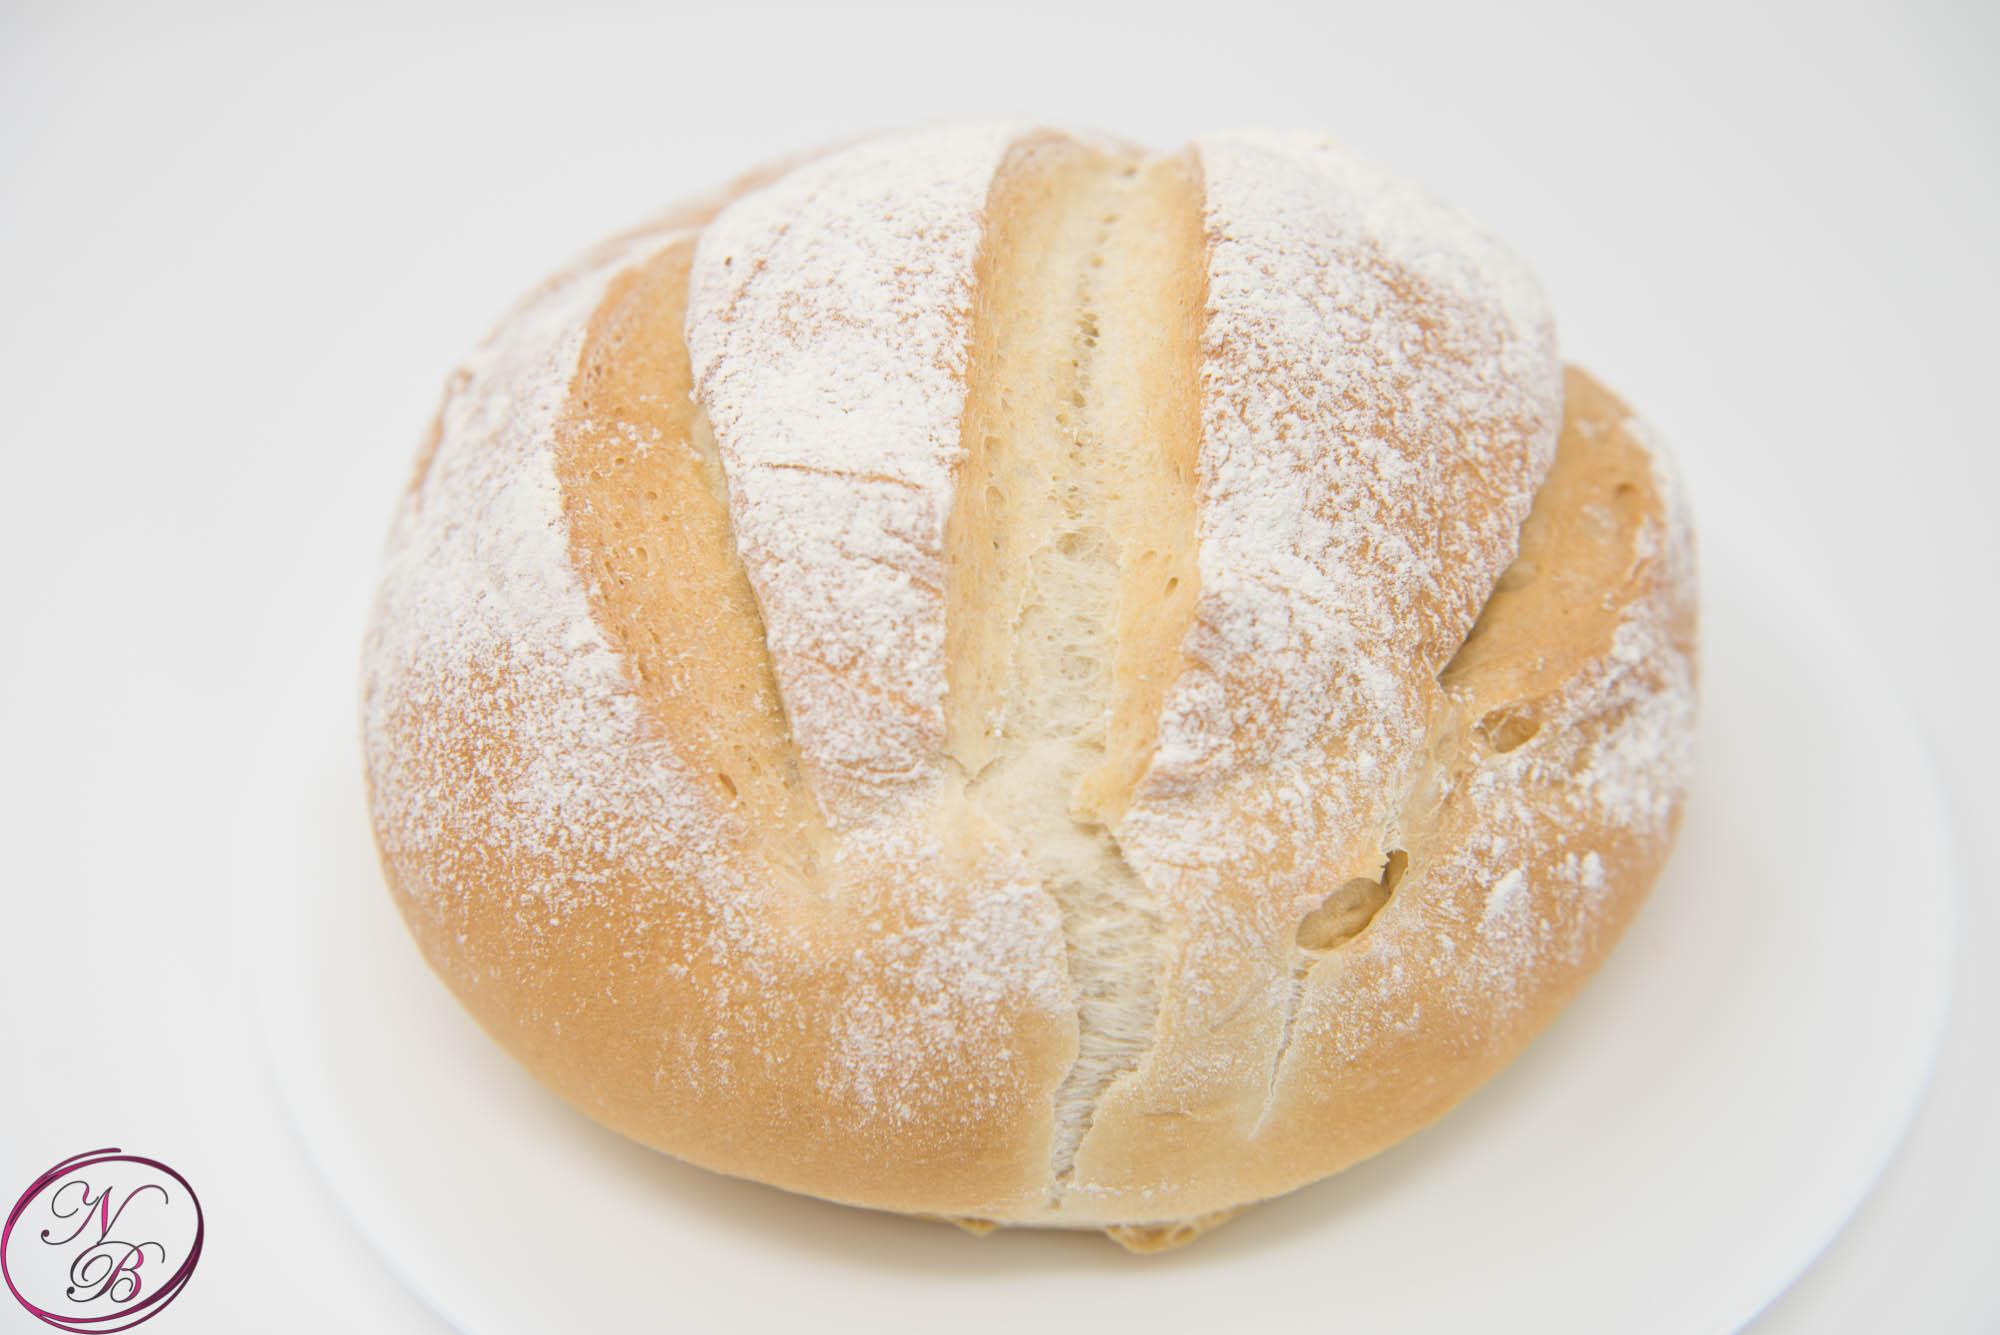 Portuguese White Bread